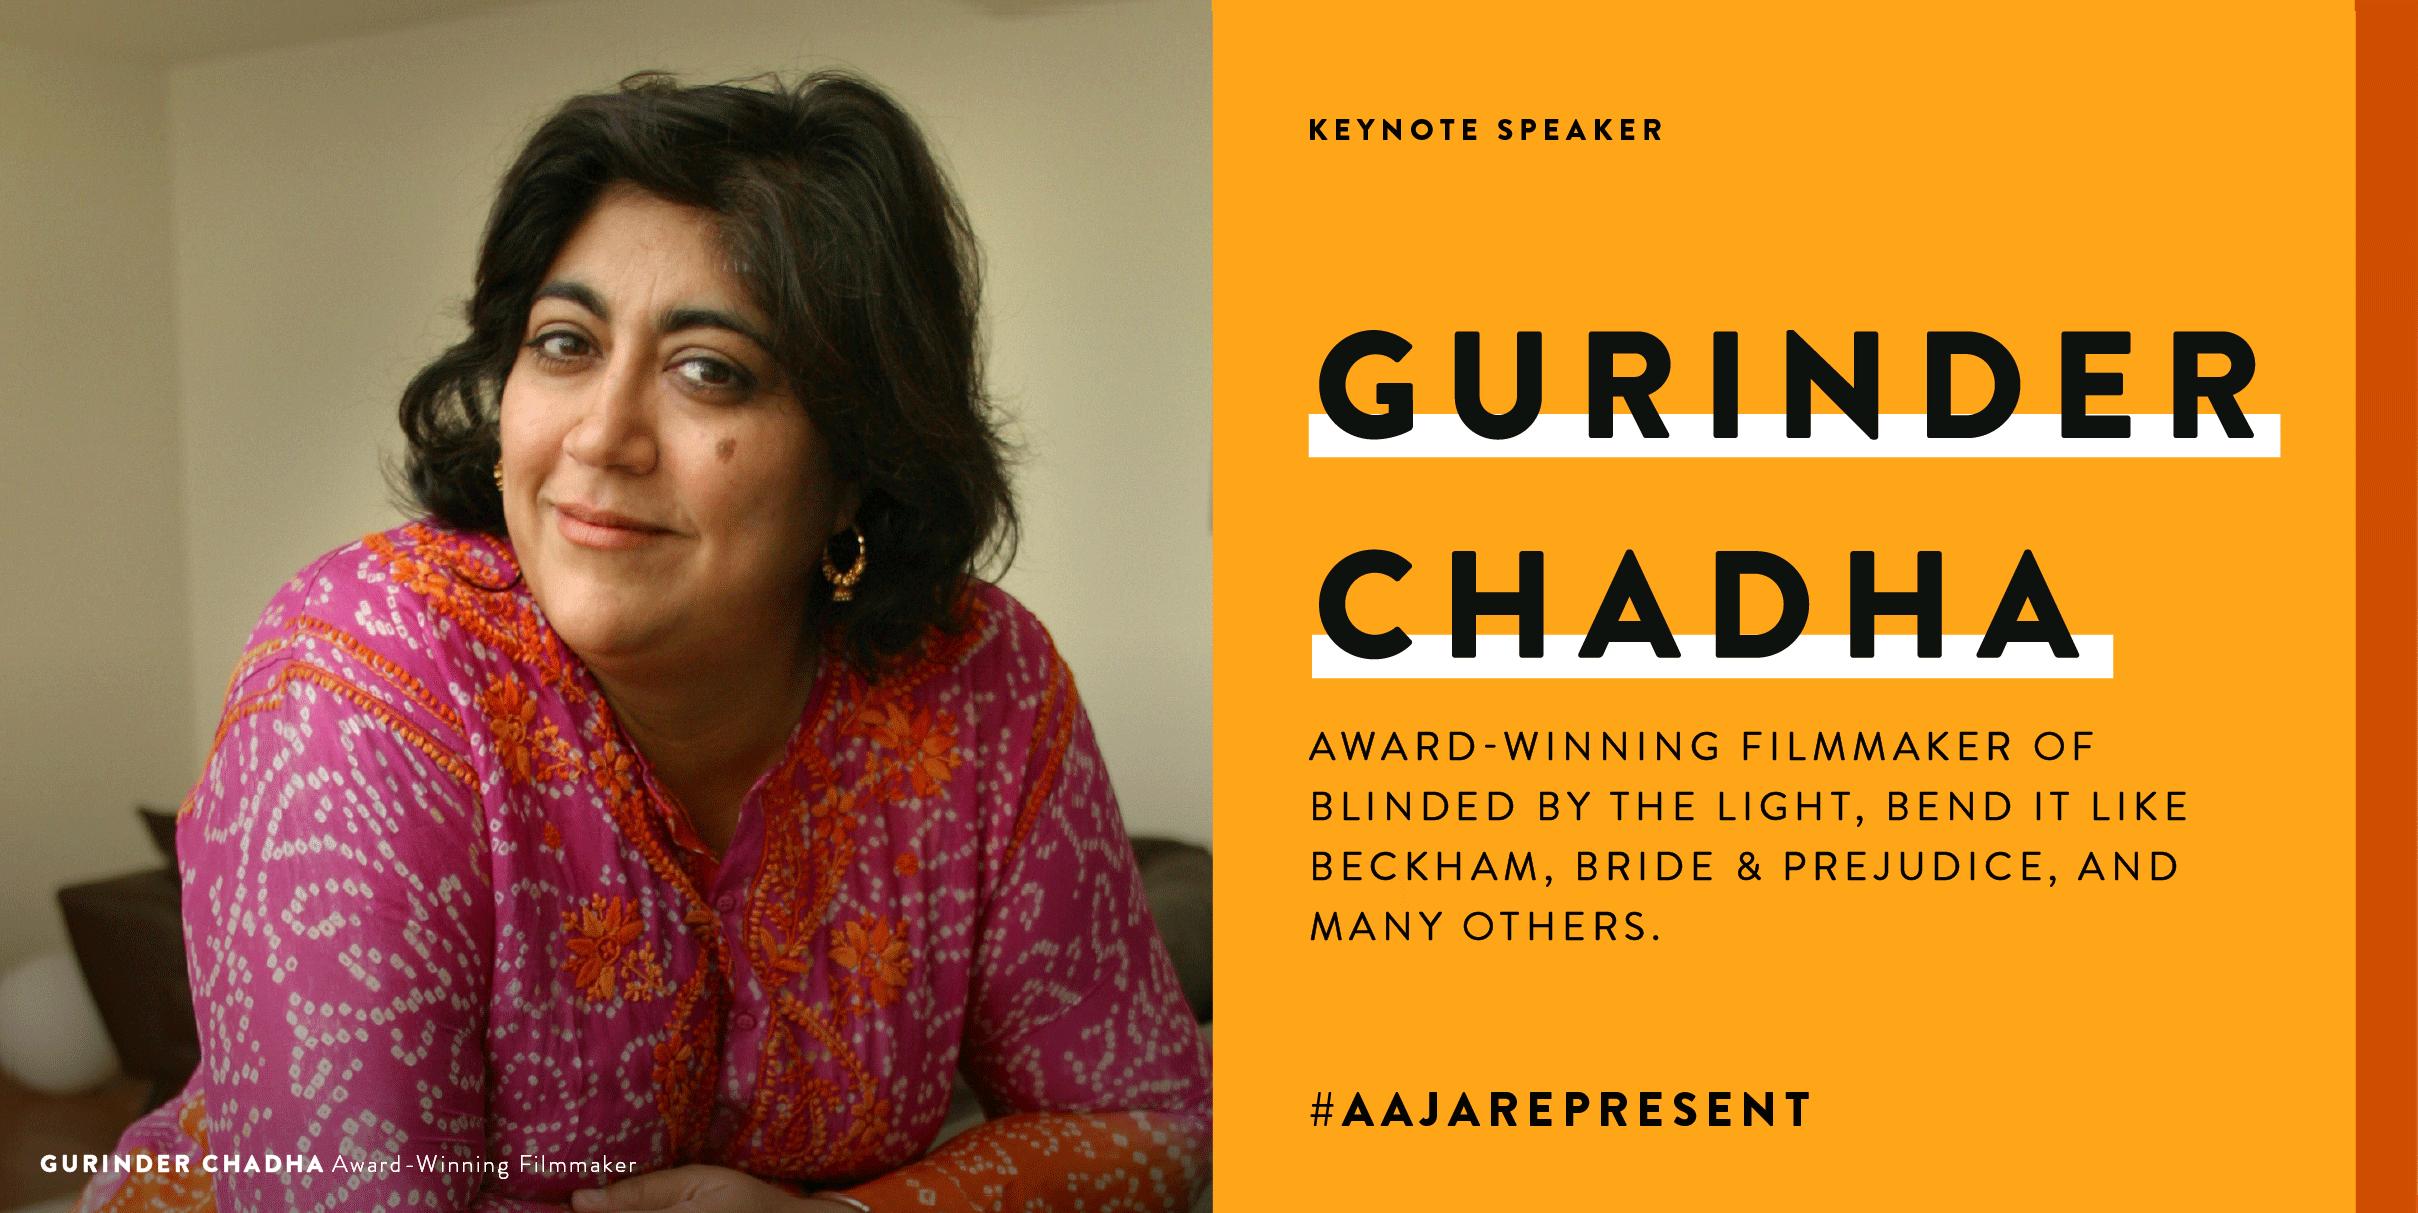 AAJARepresent Keynote Speaker Gurinder Chadha